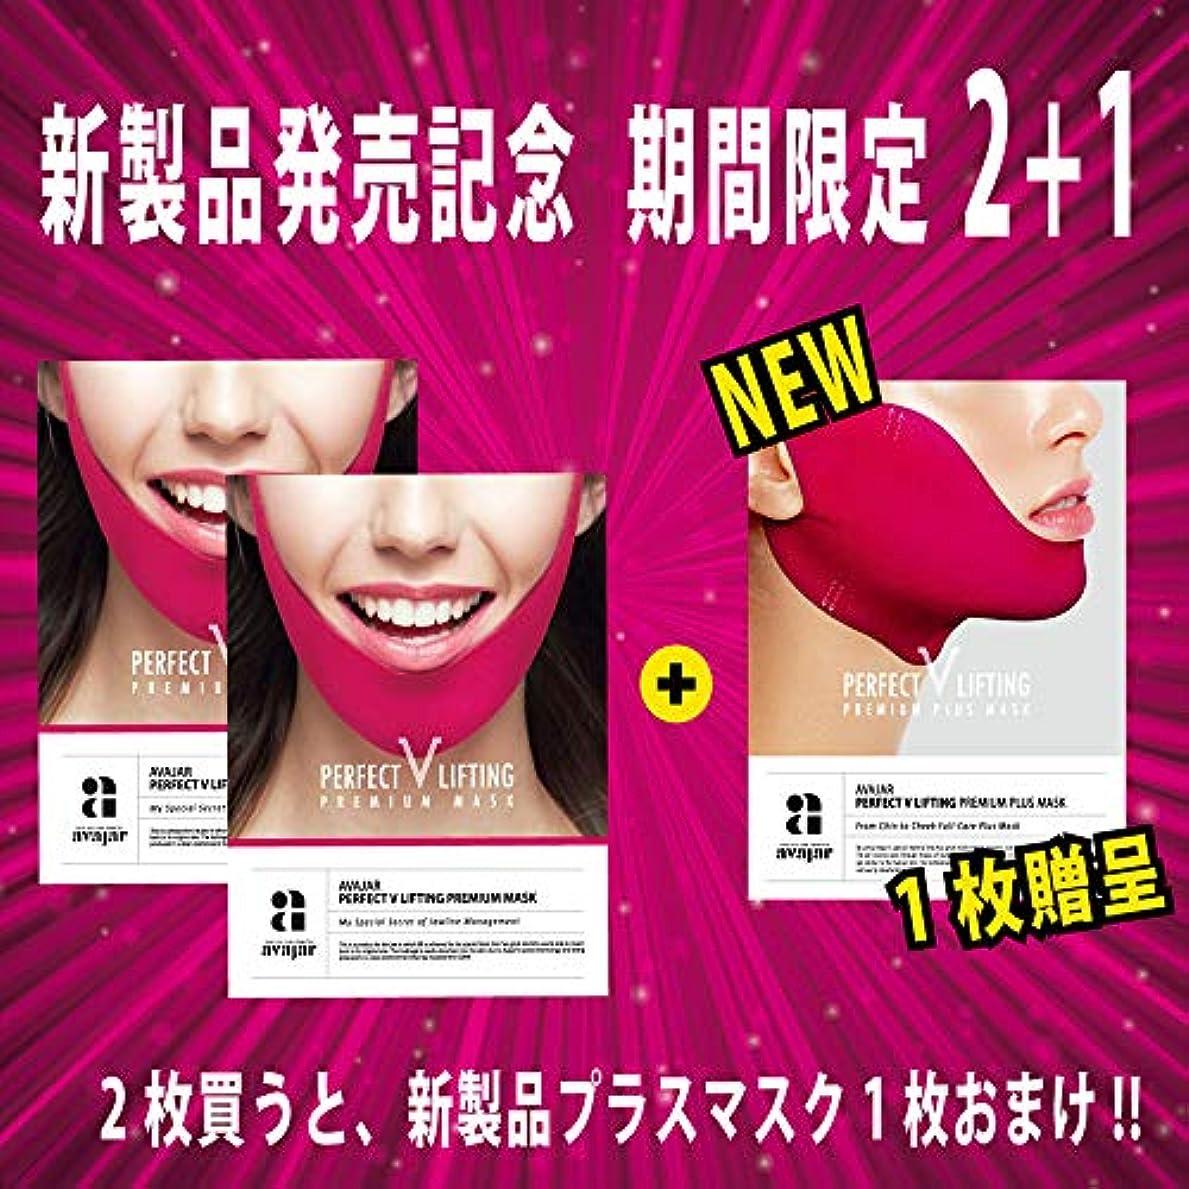 【新製品販売記念2+1限定】Avajar パーフェクト V リフティング プレミアムマスク 小顔効果と顎ラインを取り戻す 3パック